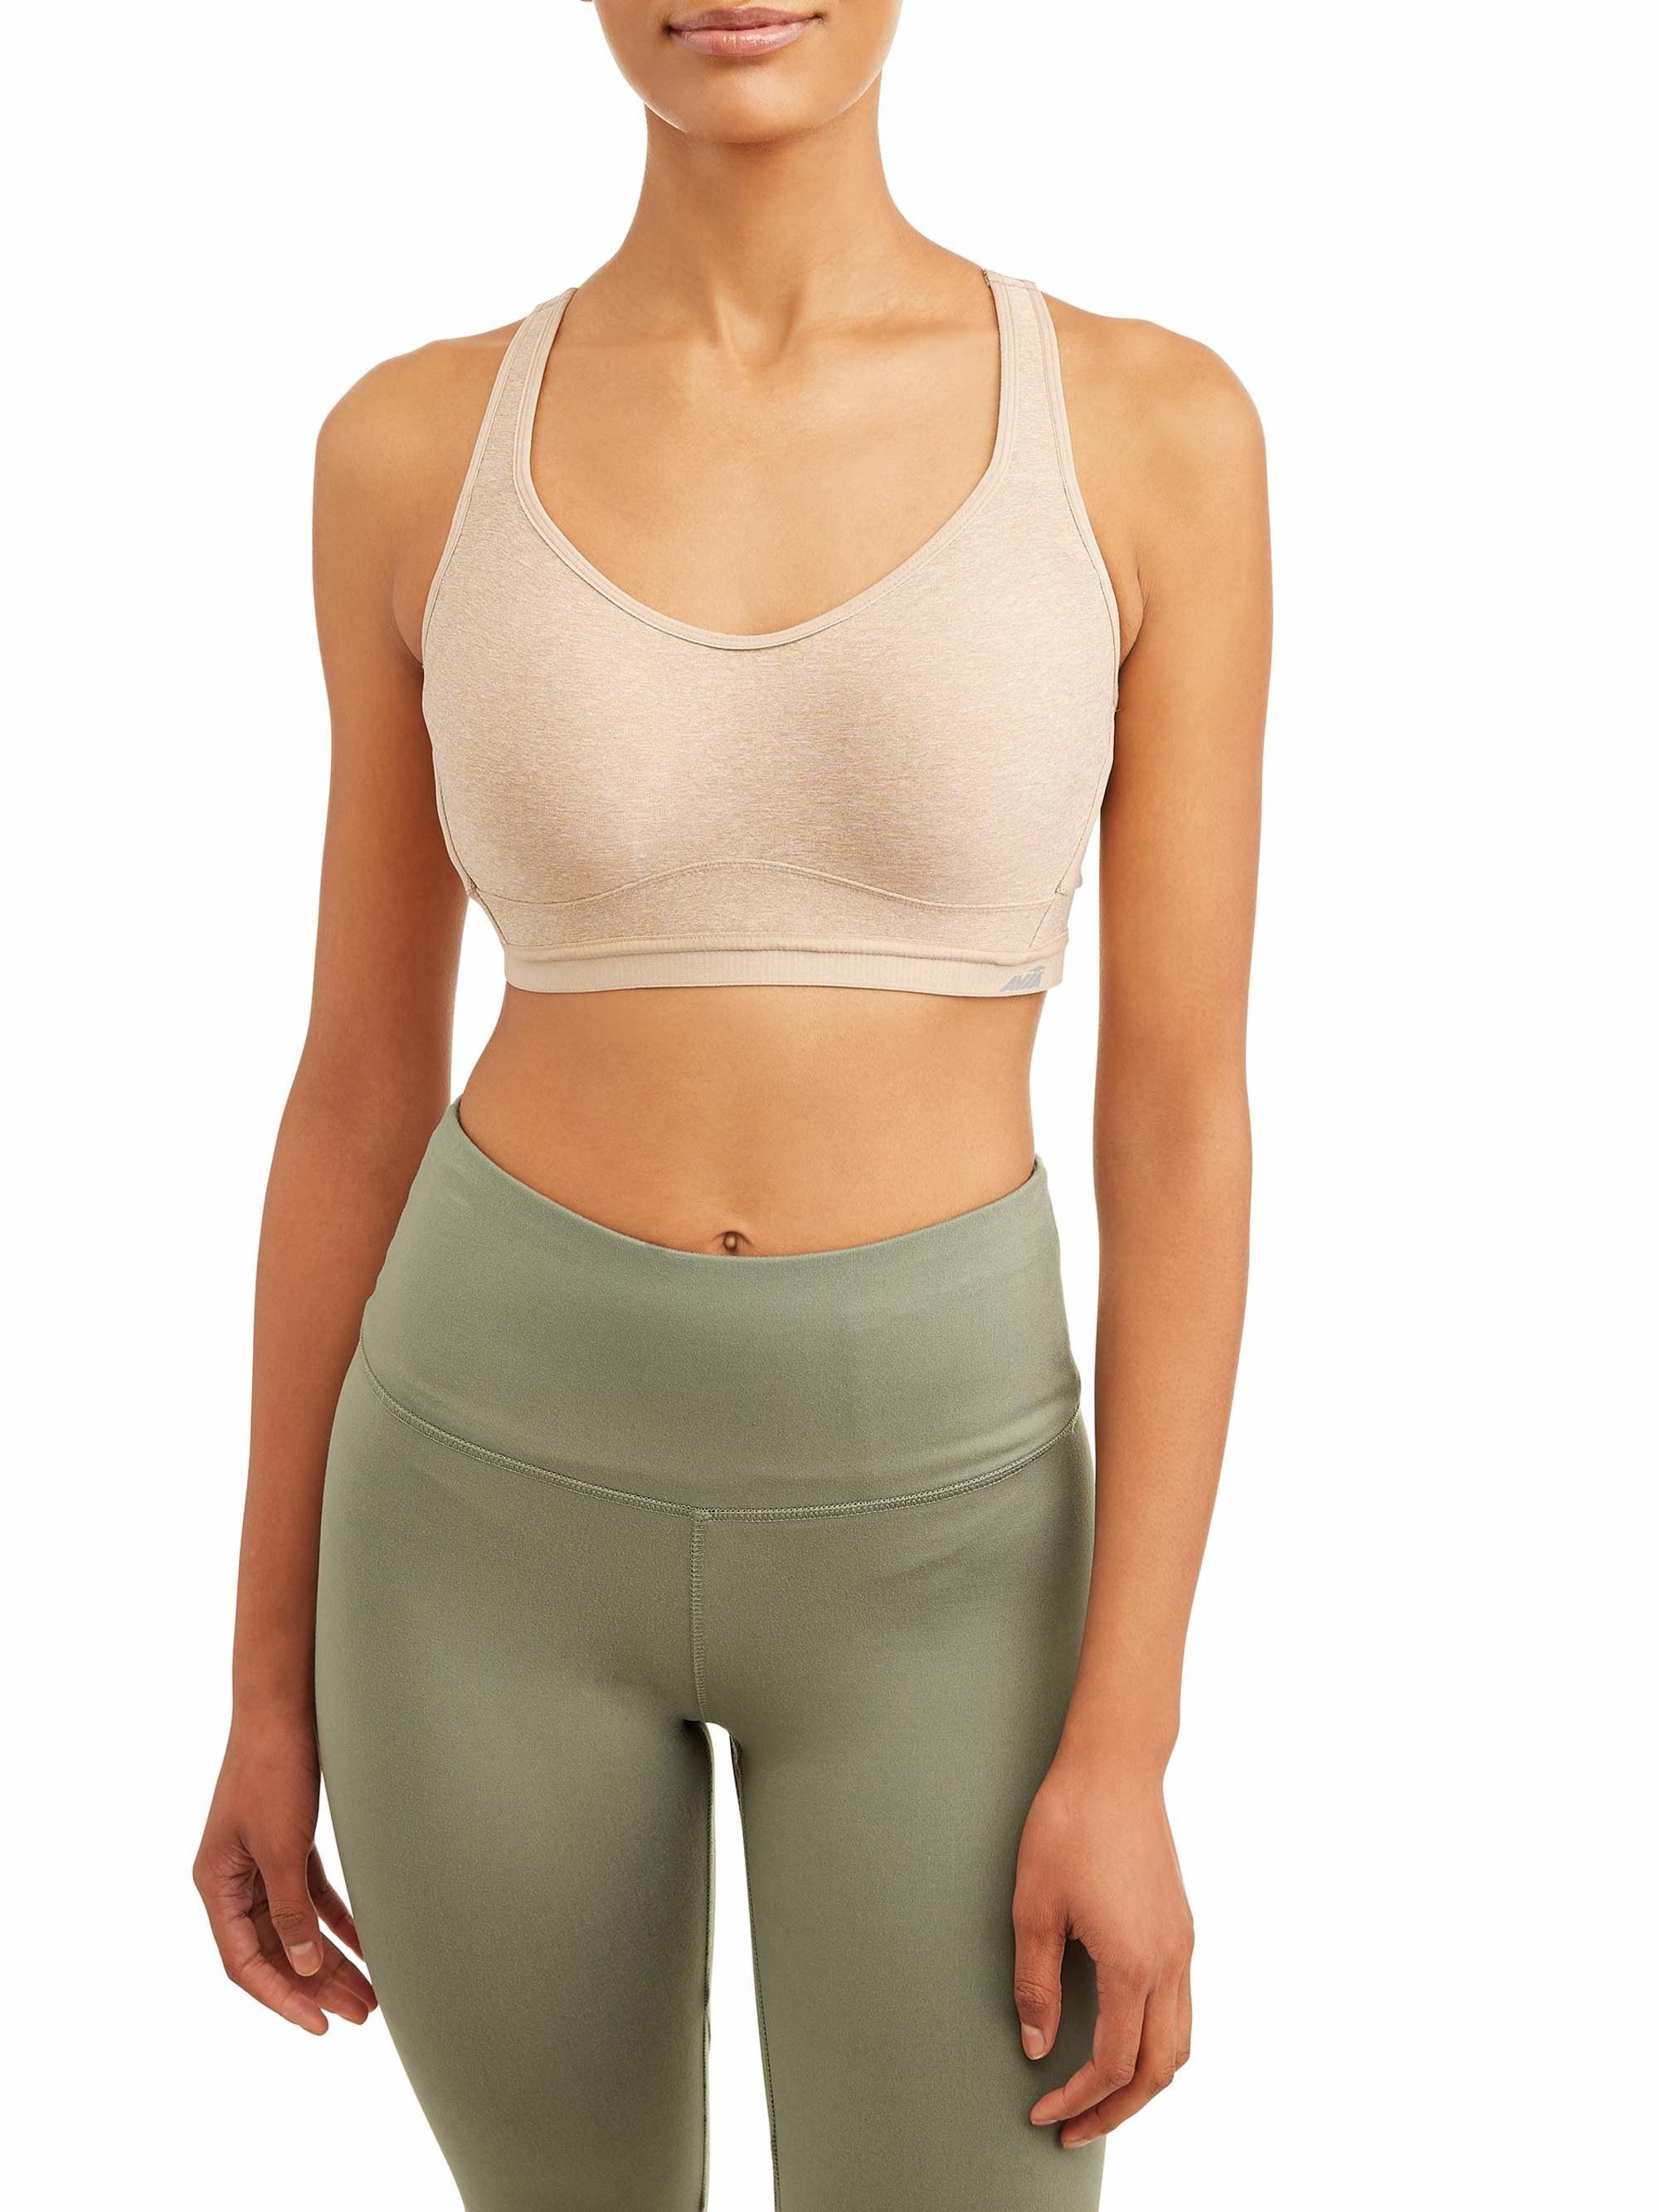 model wearing fawn beige sports bra